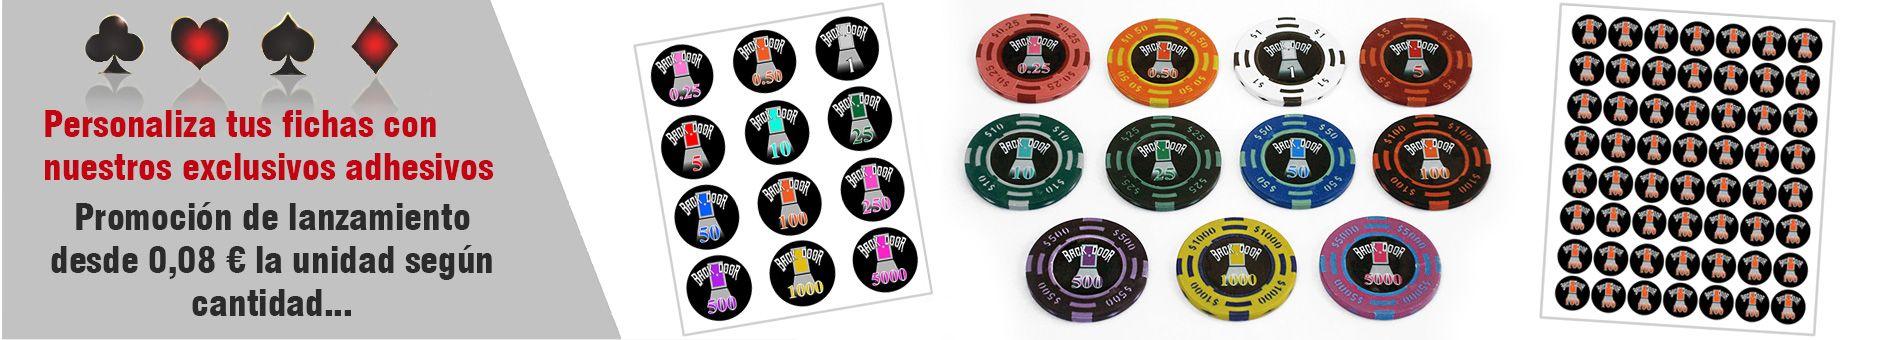 Adhesivos para personalización de fichas de poker